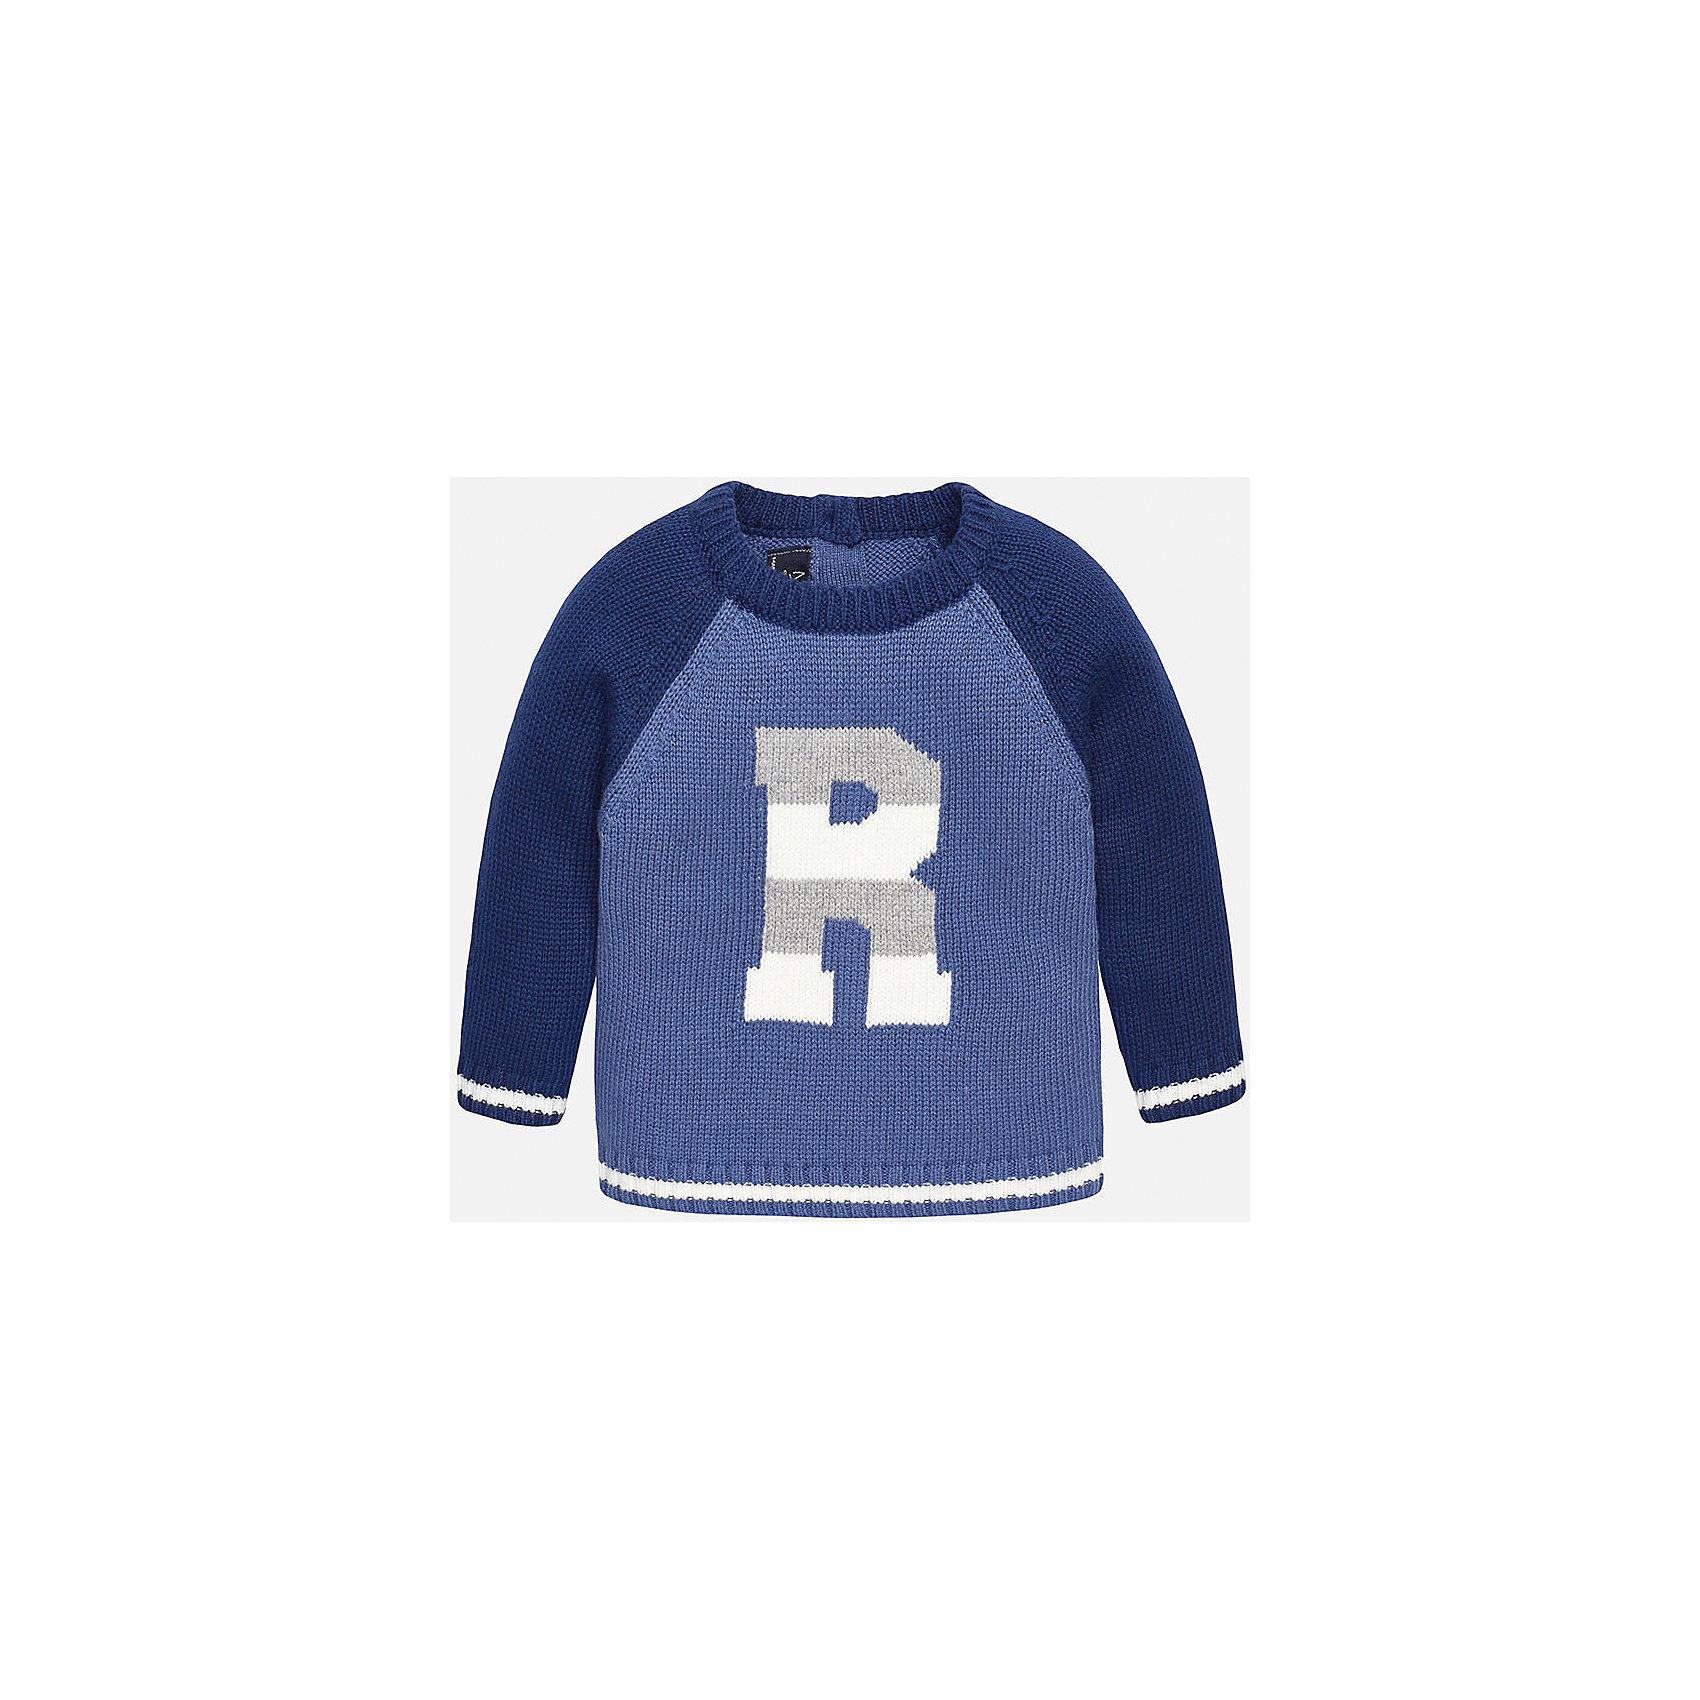 Свитер для мальчика MayoralСвитера и кардиганы<br>Свитер для мальчика от известного испанского бренда Mayoral. Свитер из натуральных тканей с приятной расцветкой. 2 пуговицы на спине, спереди украшен крупным рисунком. Этот свитер несомненно займет достойное место в гардеробе вашего ребенка.<br>Дополнительная информация:<br>-прямой силуэт<br>-длинные рукава<br>-2 пуговицы на спине<br>-цвет: голубой/синий<br>-состав: 50% хлопок, 45% полиамид, 5% шерсть<br>Свитер Mayoral вы можете приобрести в нашем интернет-магазине<br><br>Ширина мм: 190<br>Глубина мм: 74<br>Высота мм: 229<br>Вес г: 236<br>Цвет: синий<br>Возраст от месяцев: 12<br>Возраст до месяцев: 15<br>Пол: Мужской<br>Возраст: Детский<br>Размер: 80,92,86,74<br>SKU: 4820621